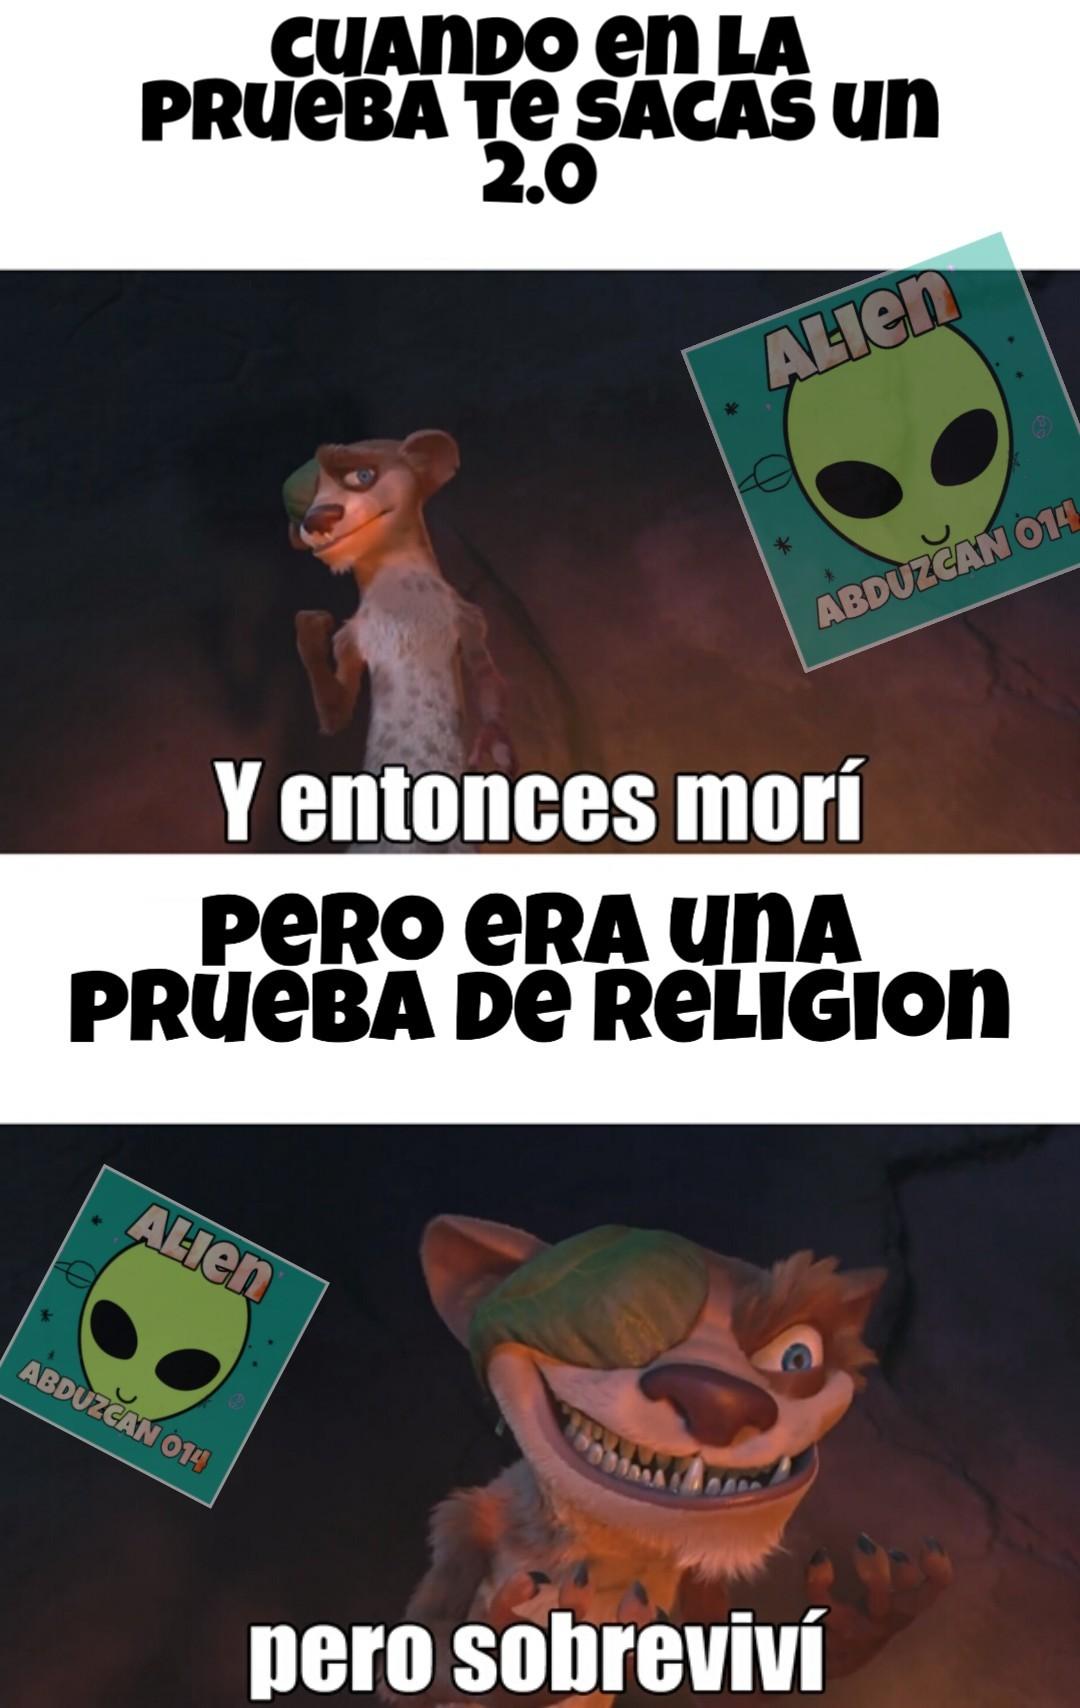 Viva las pruebas de religión que no valen nada - meme